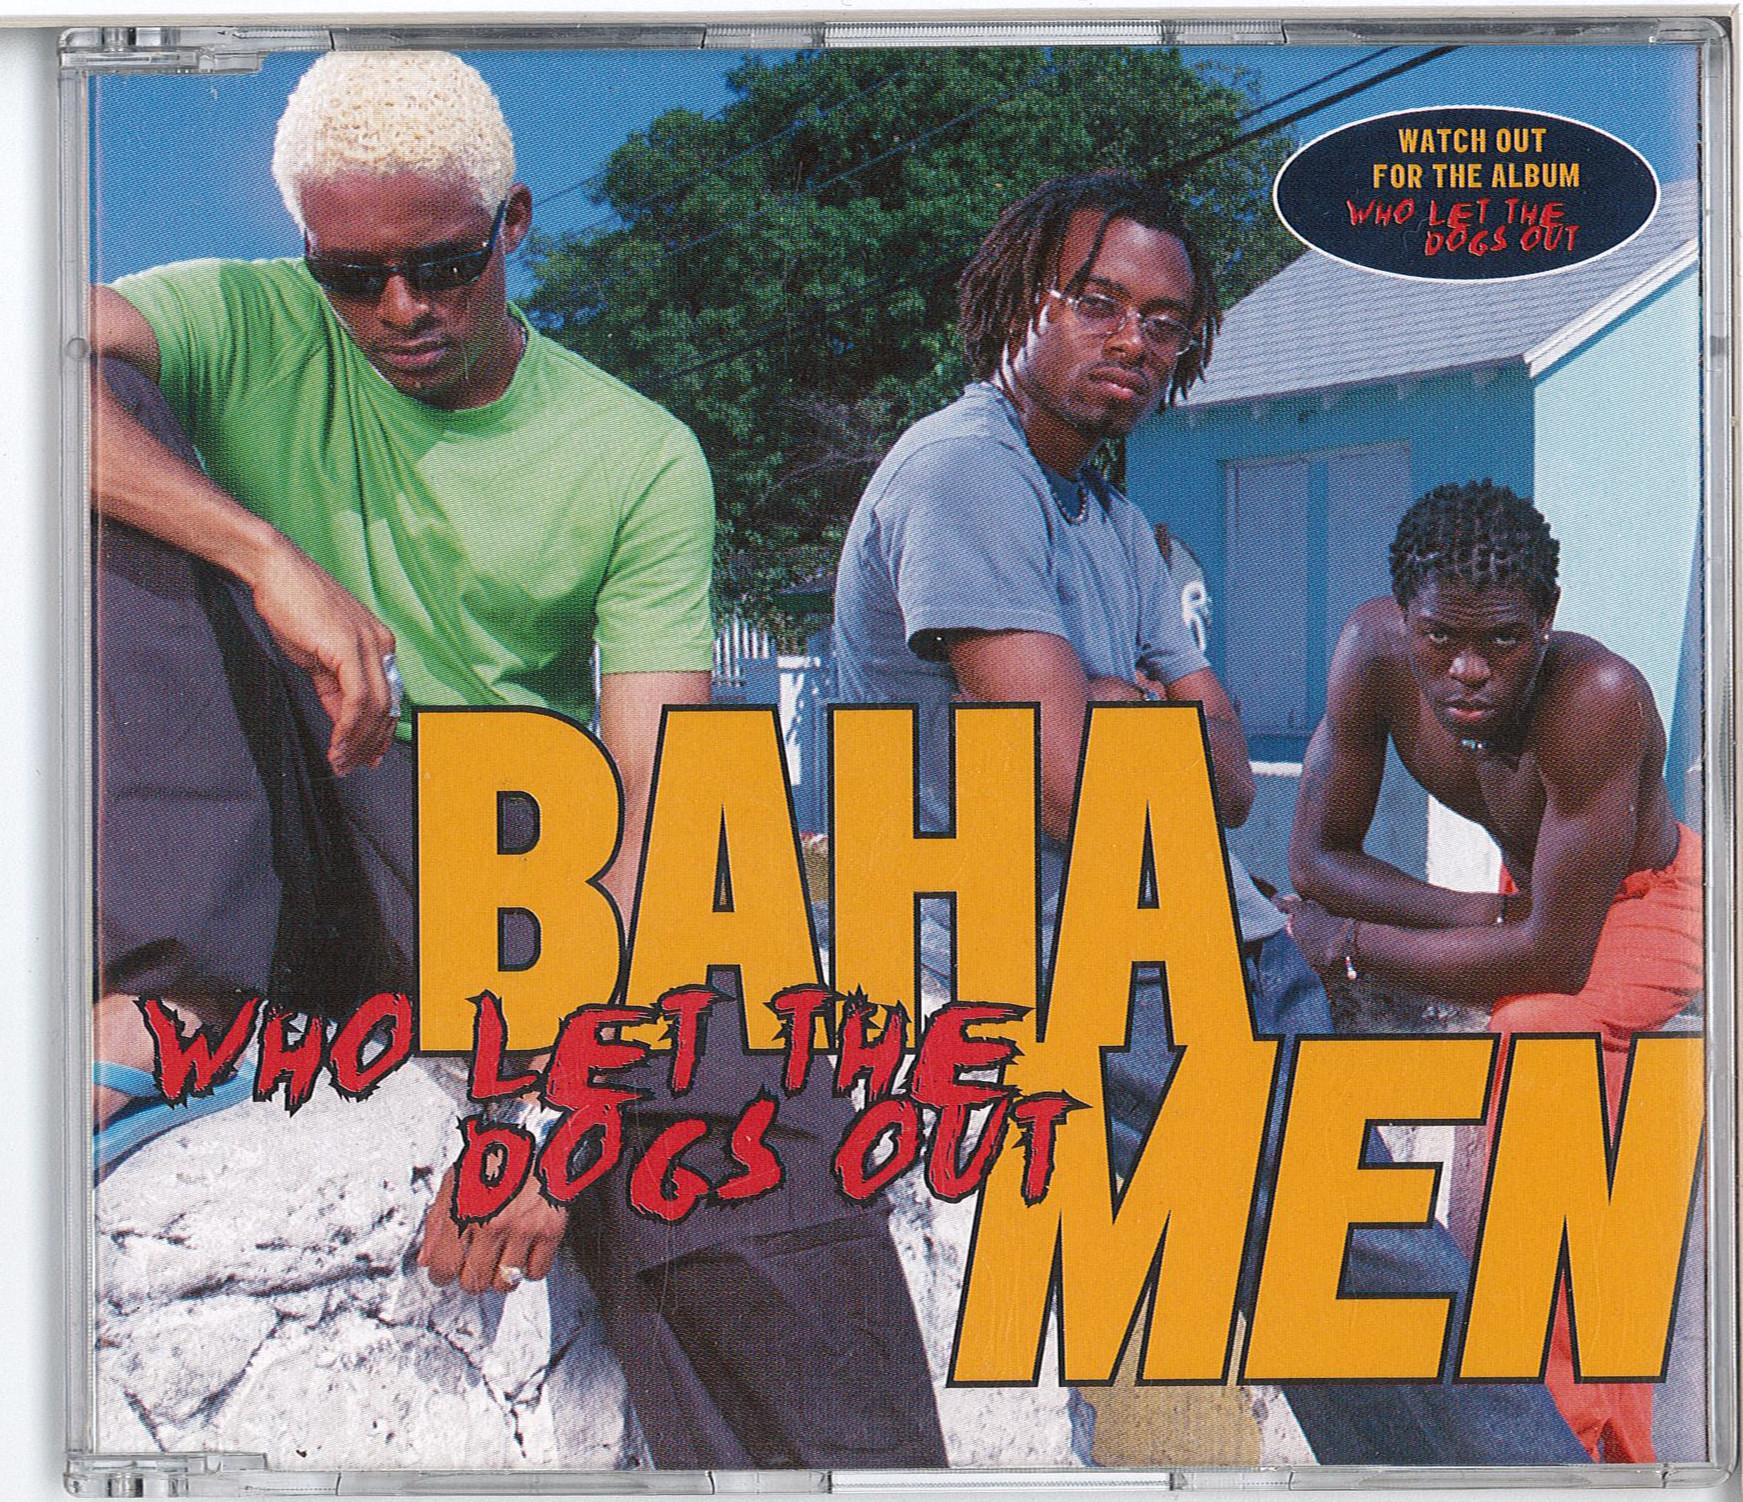 WLWLTDOO-2000-CD-BAHAMEN-WLTDO-SINGLE-AUS-FRONT.jpg